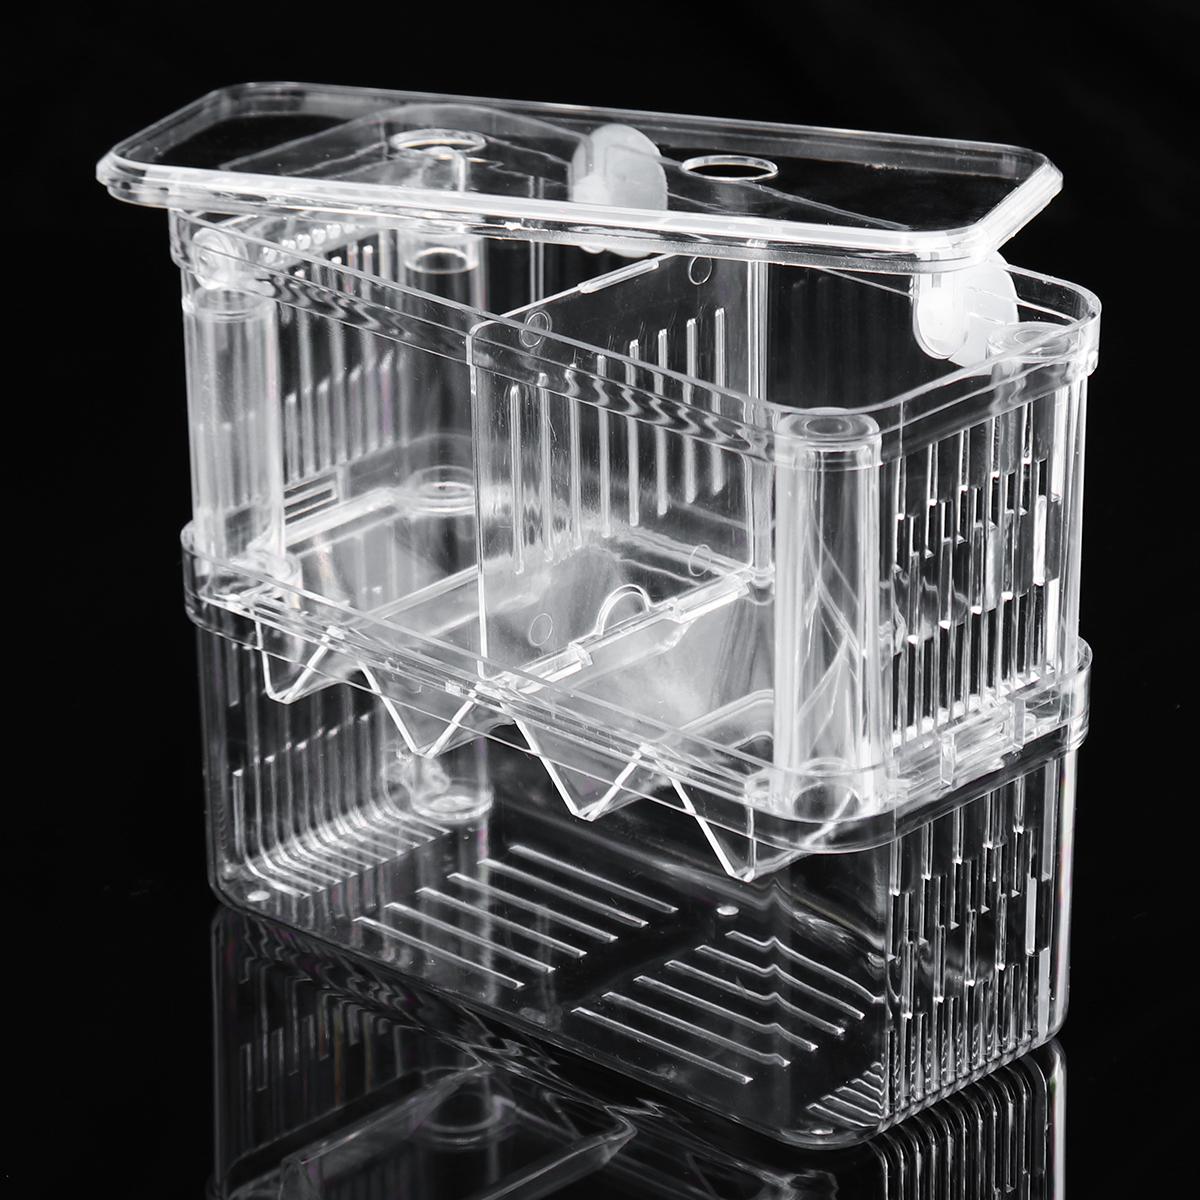 Aquarium Fish Tank Breeder Box Isolation Box Breeder Hatchery Incubator Transparent